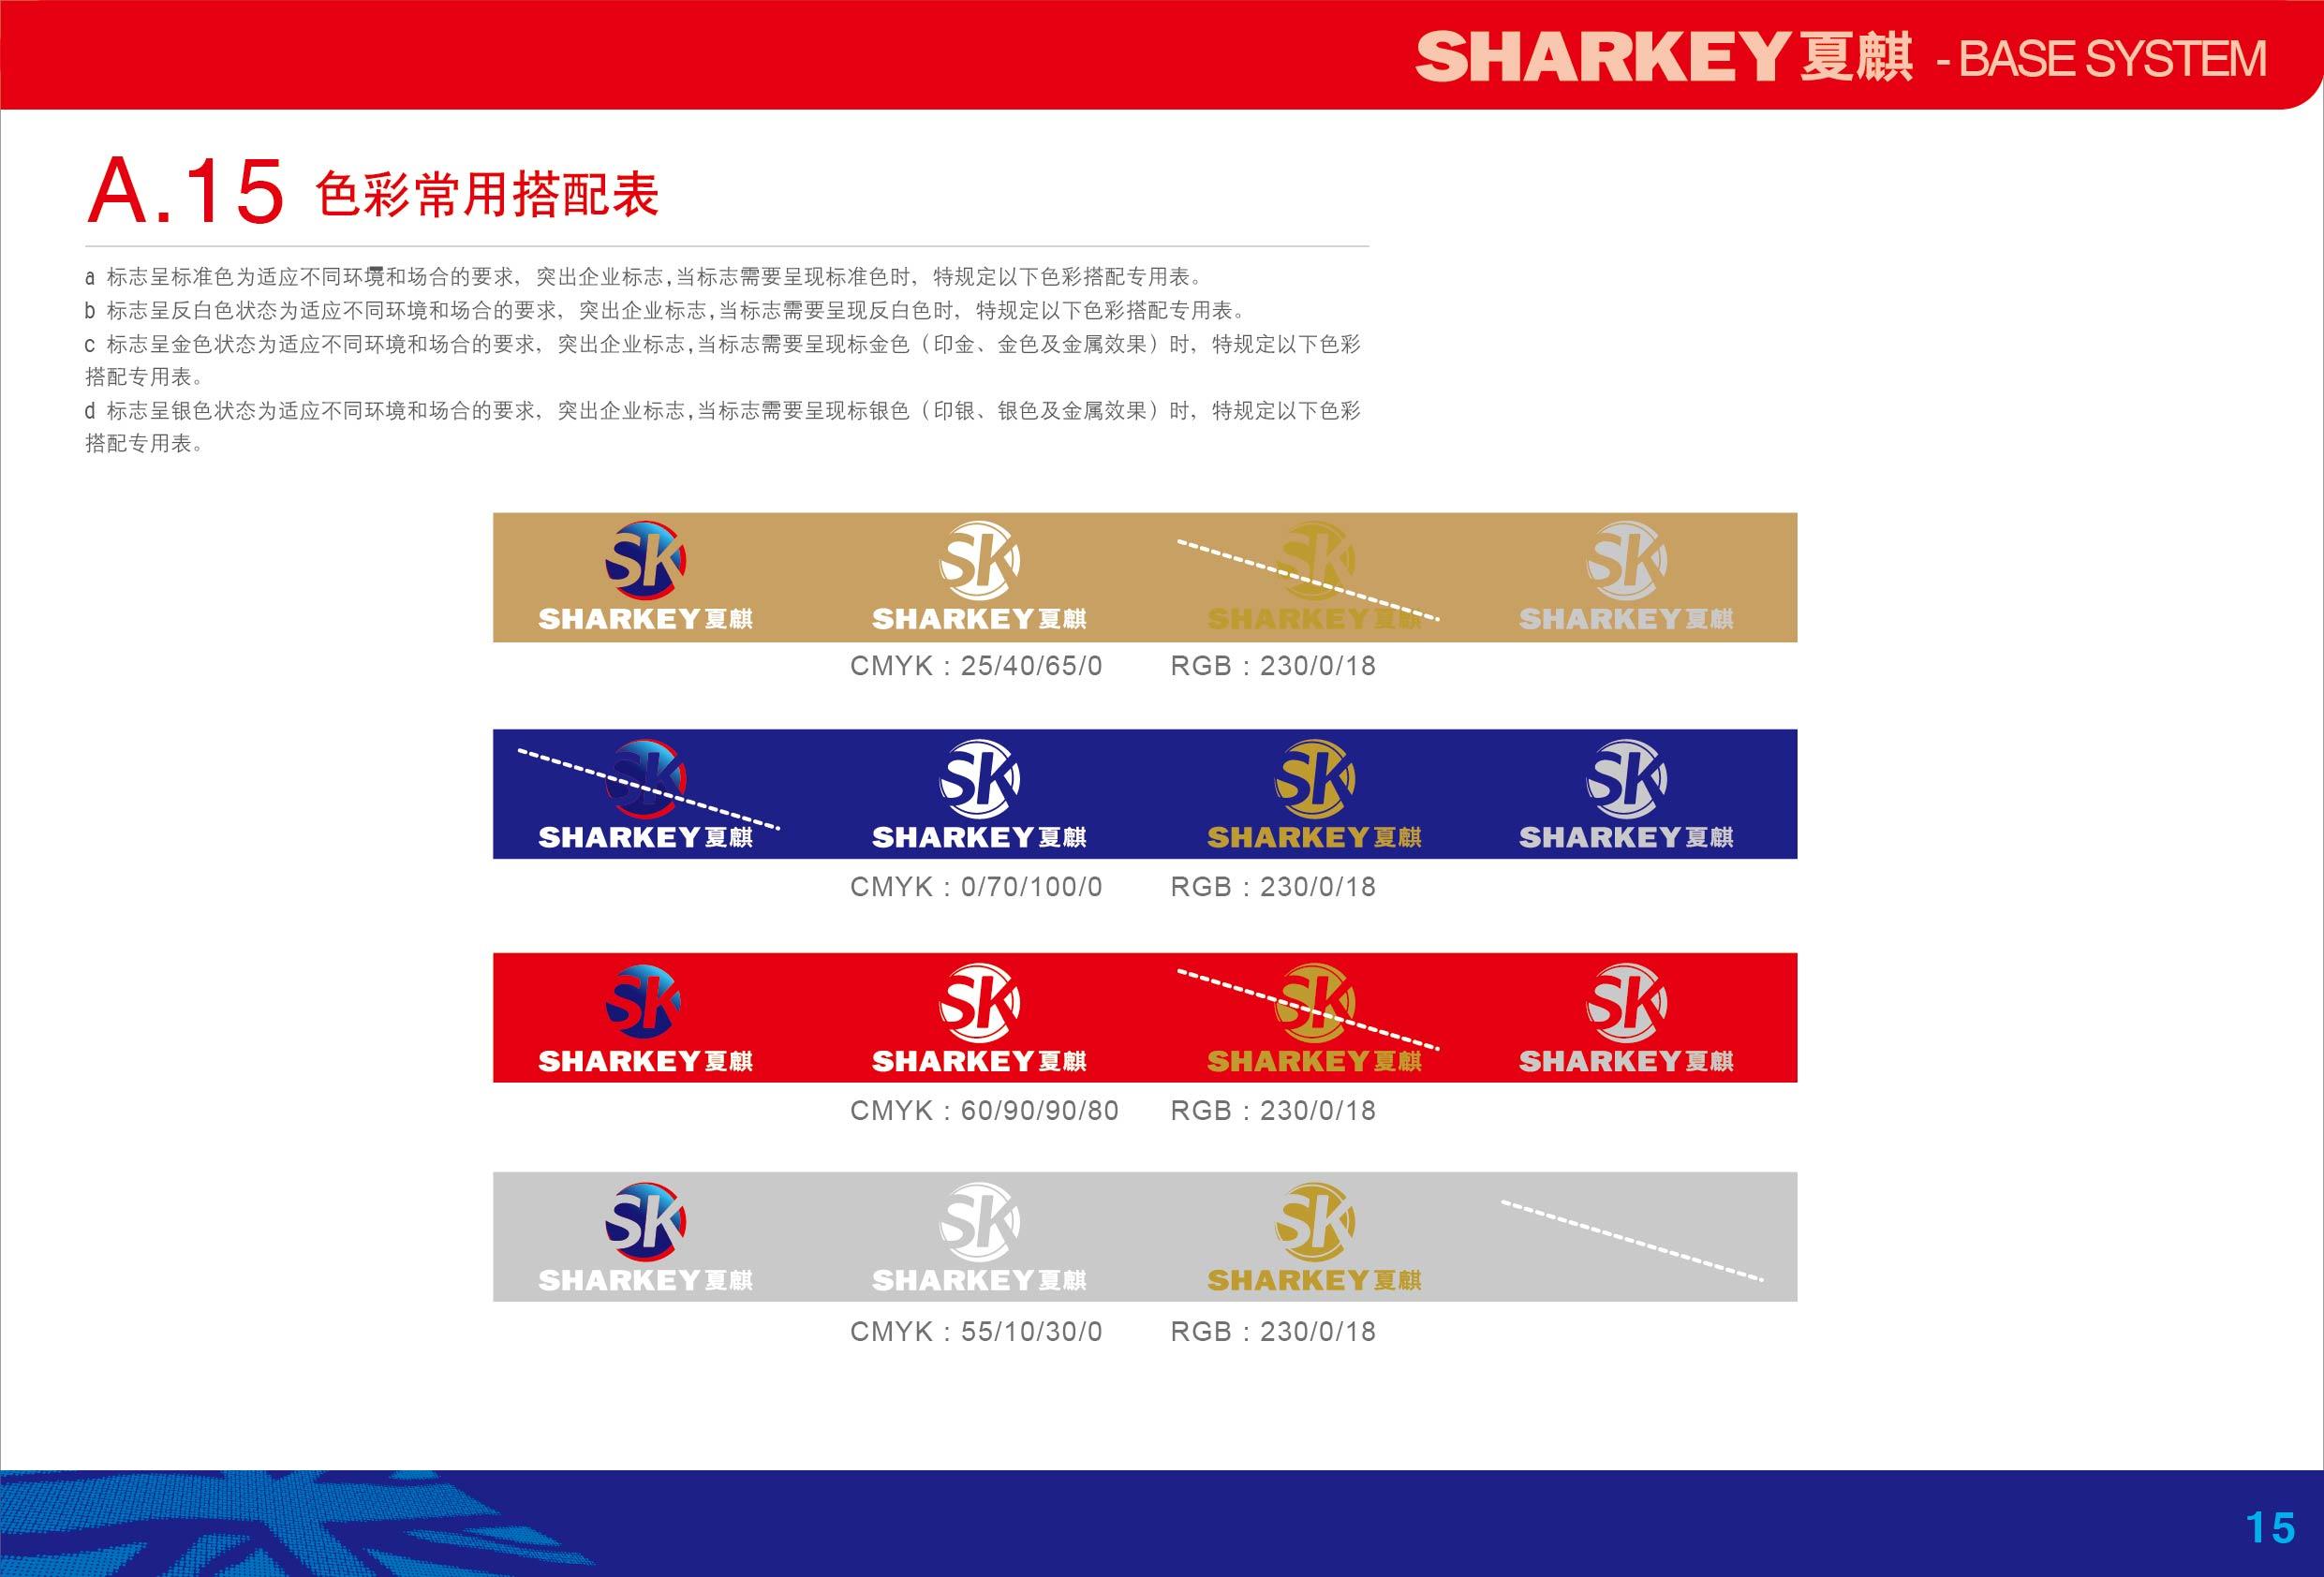 A夏麒logo-基础系统.aiA-16